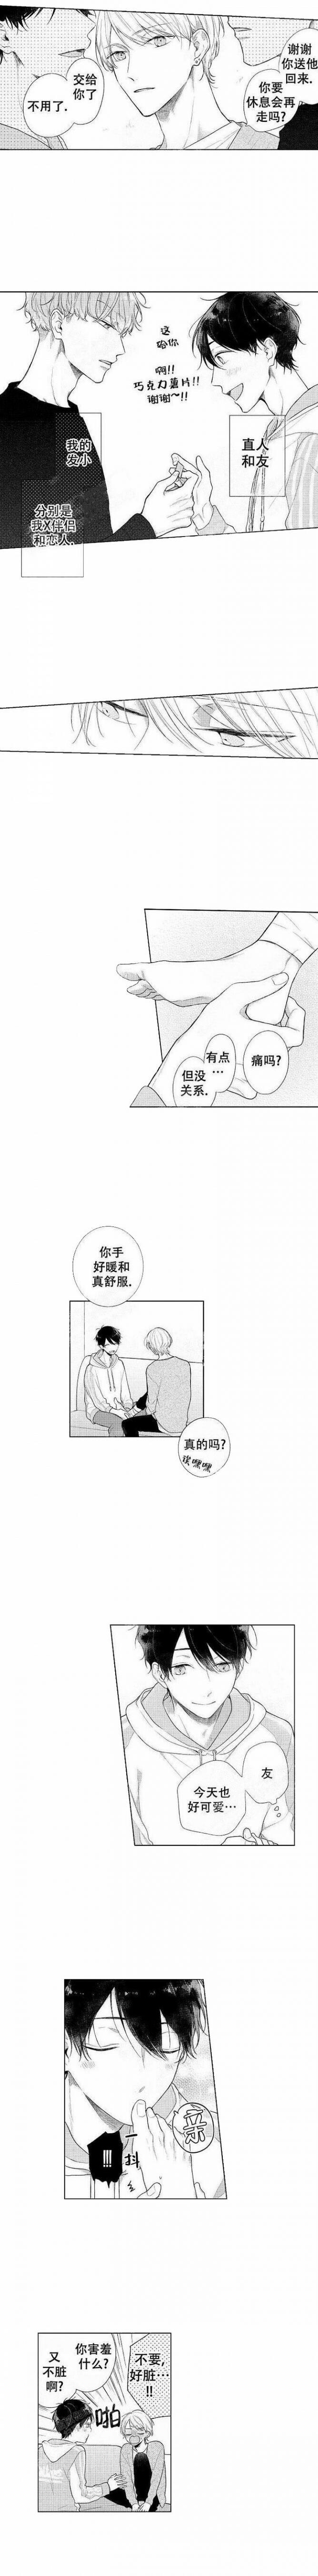 青与黄BL漫画完整版